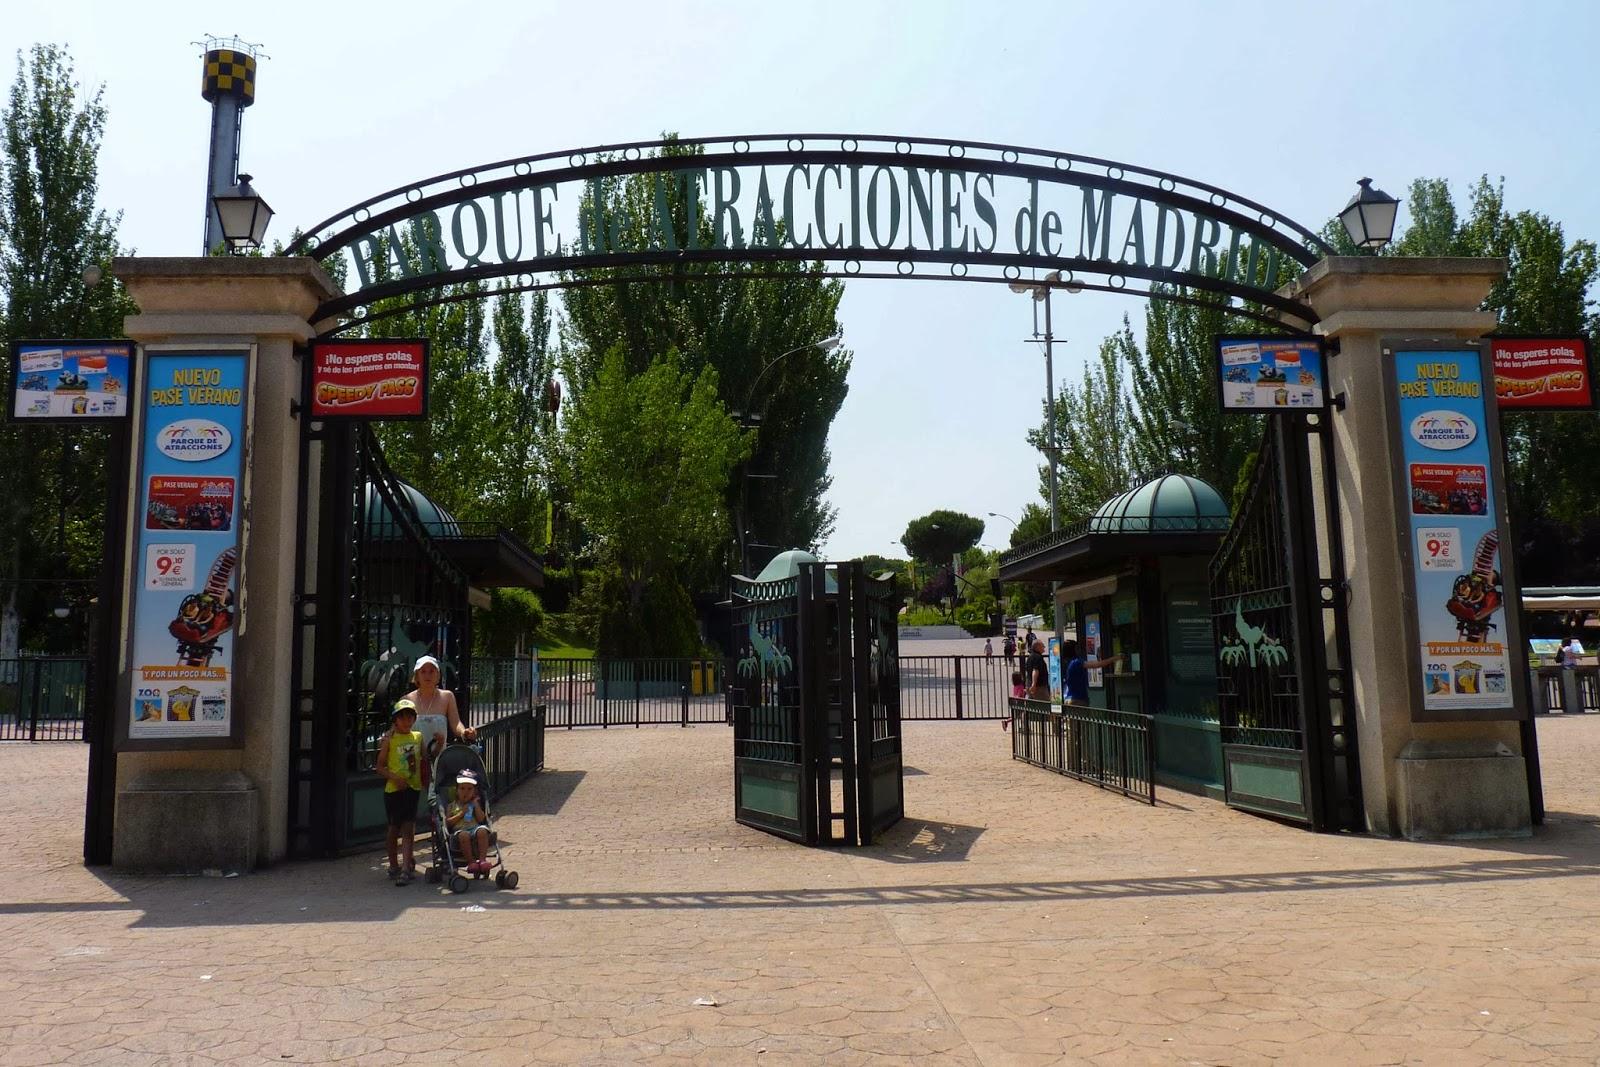 Parque de Atracciones de Madrid.